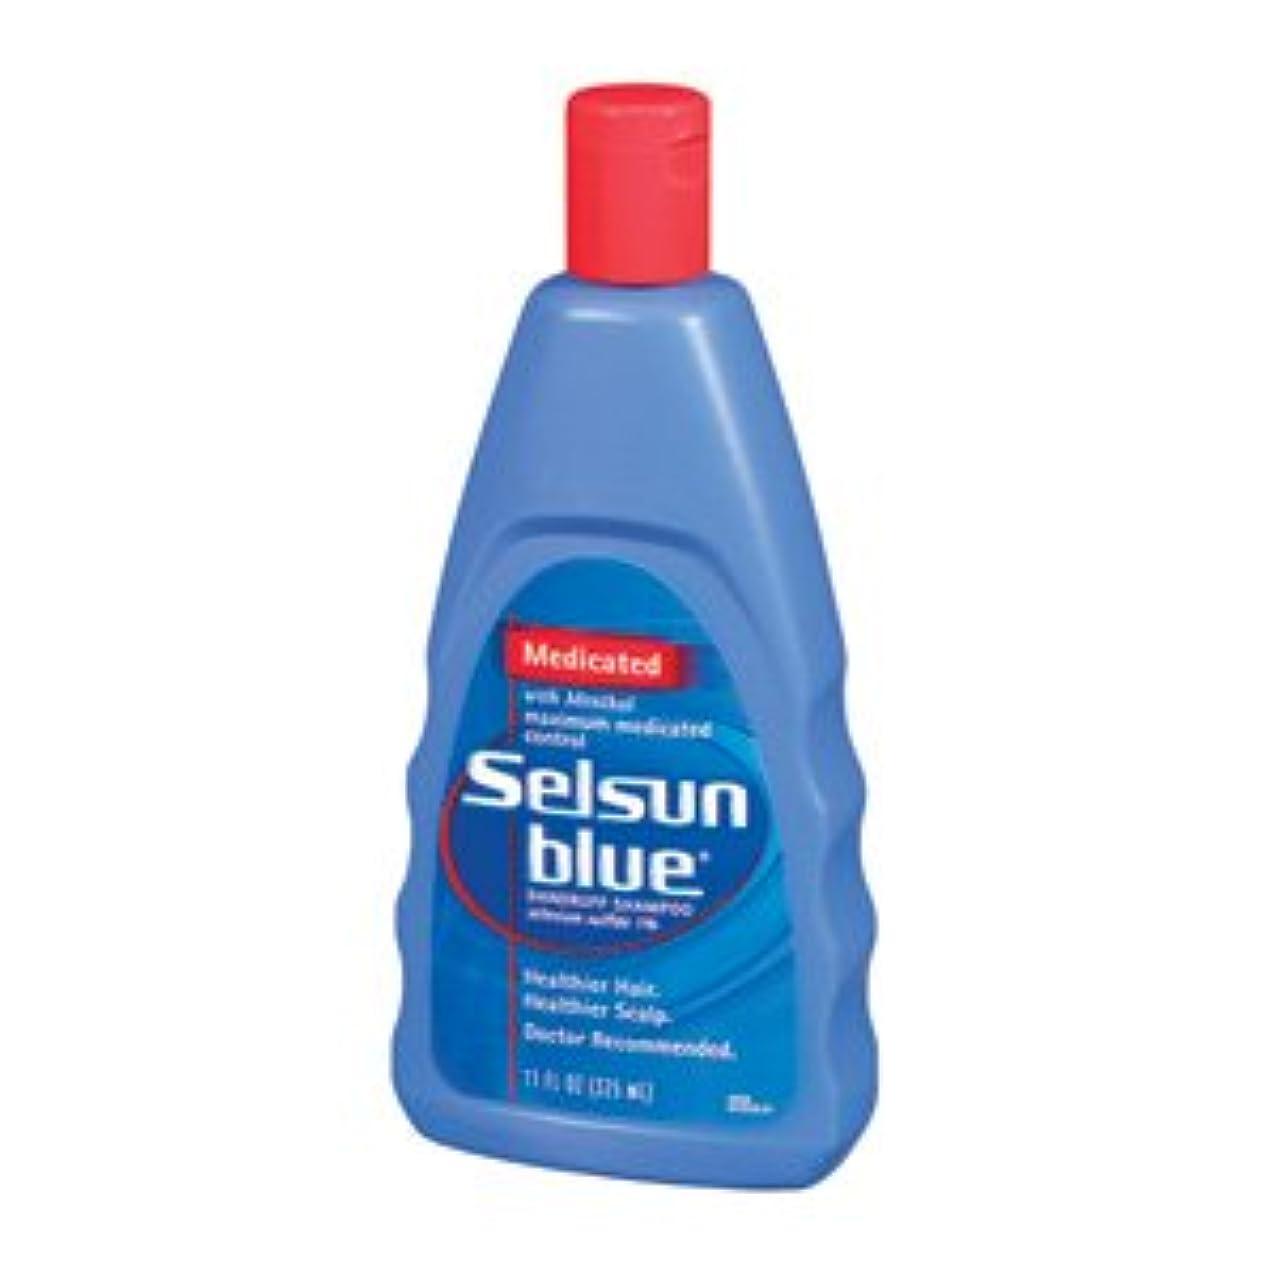 予防接種弁護士任意セルサンブルー Selsun Blue ふけ用薬用シャンプー312ml(海外直送品)